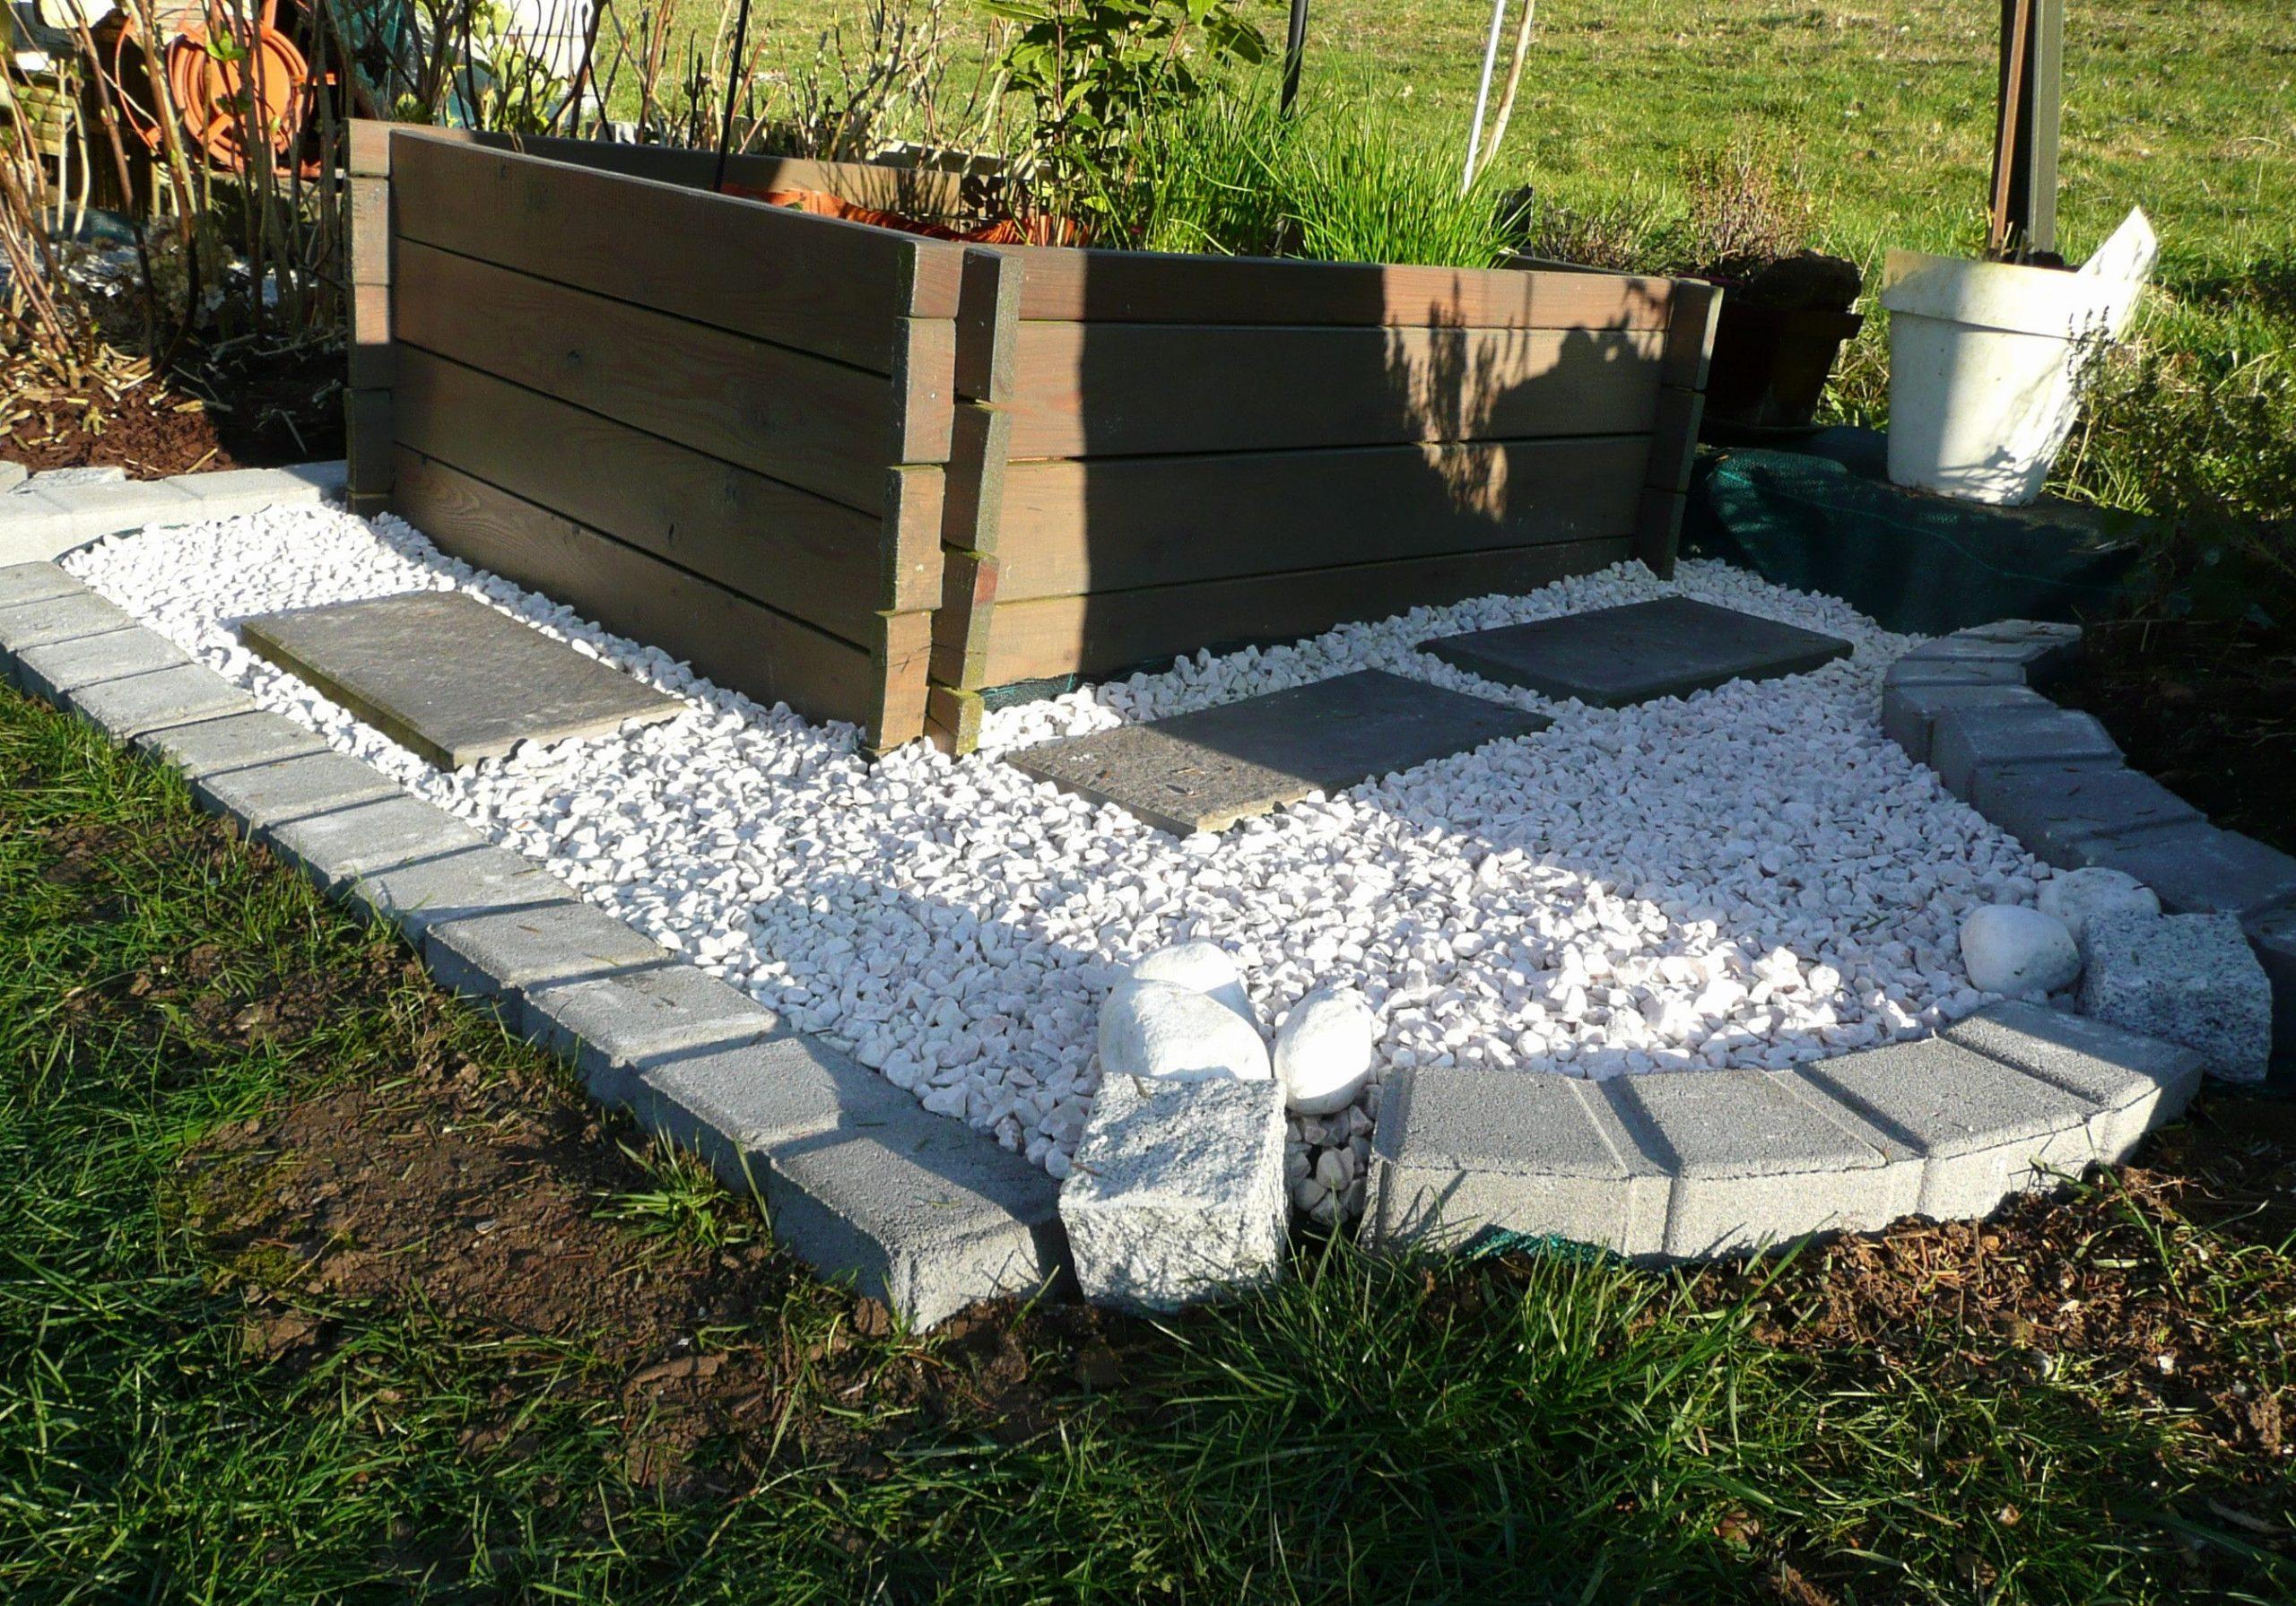 Cailloux Blanc Jardin Fresh Amenagement Jardin Avec Gravier ... tout Jardin Avec Galets Blancs